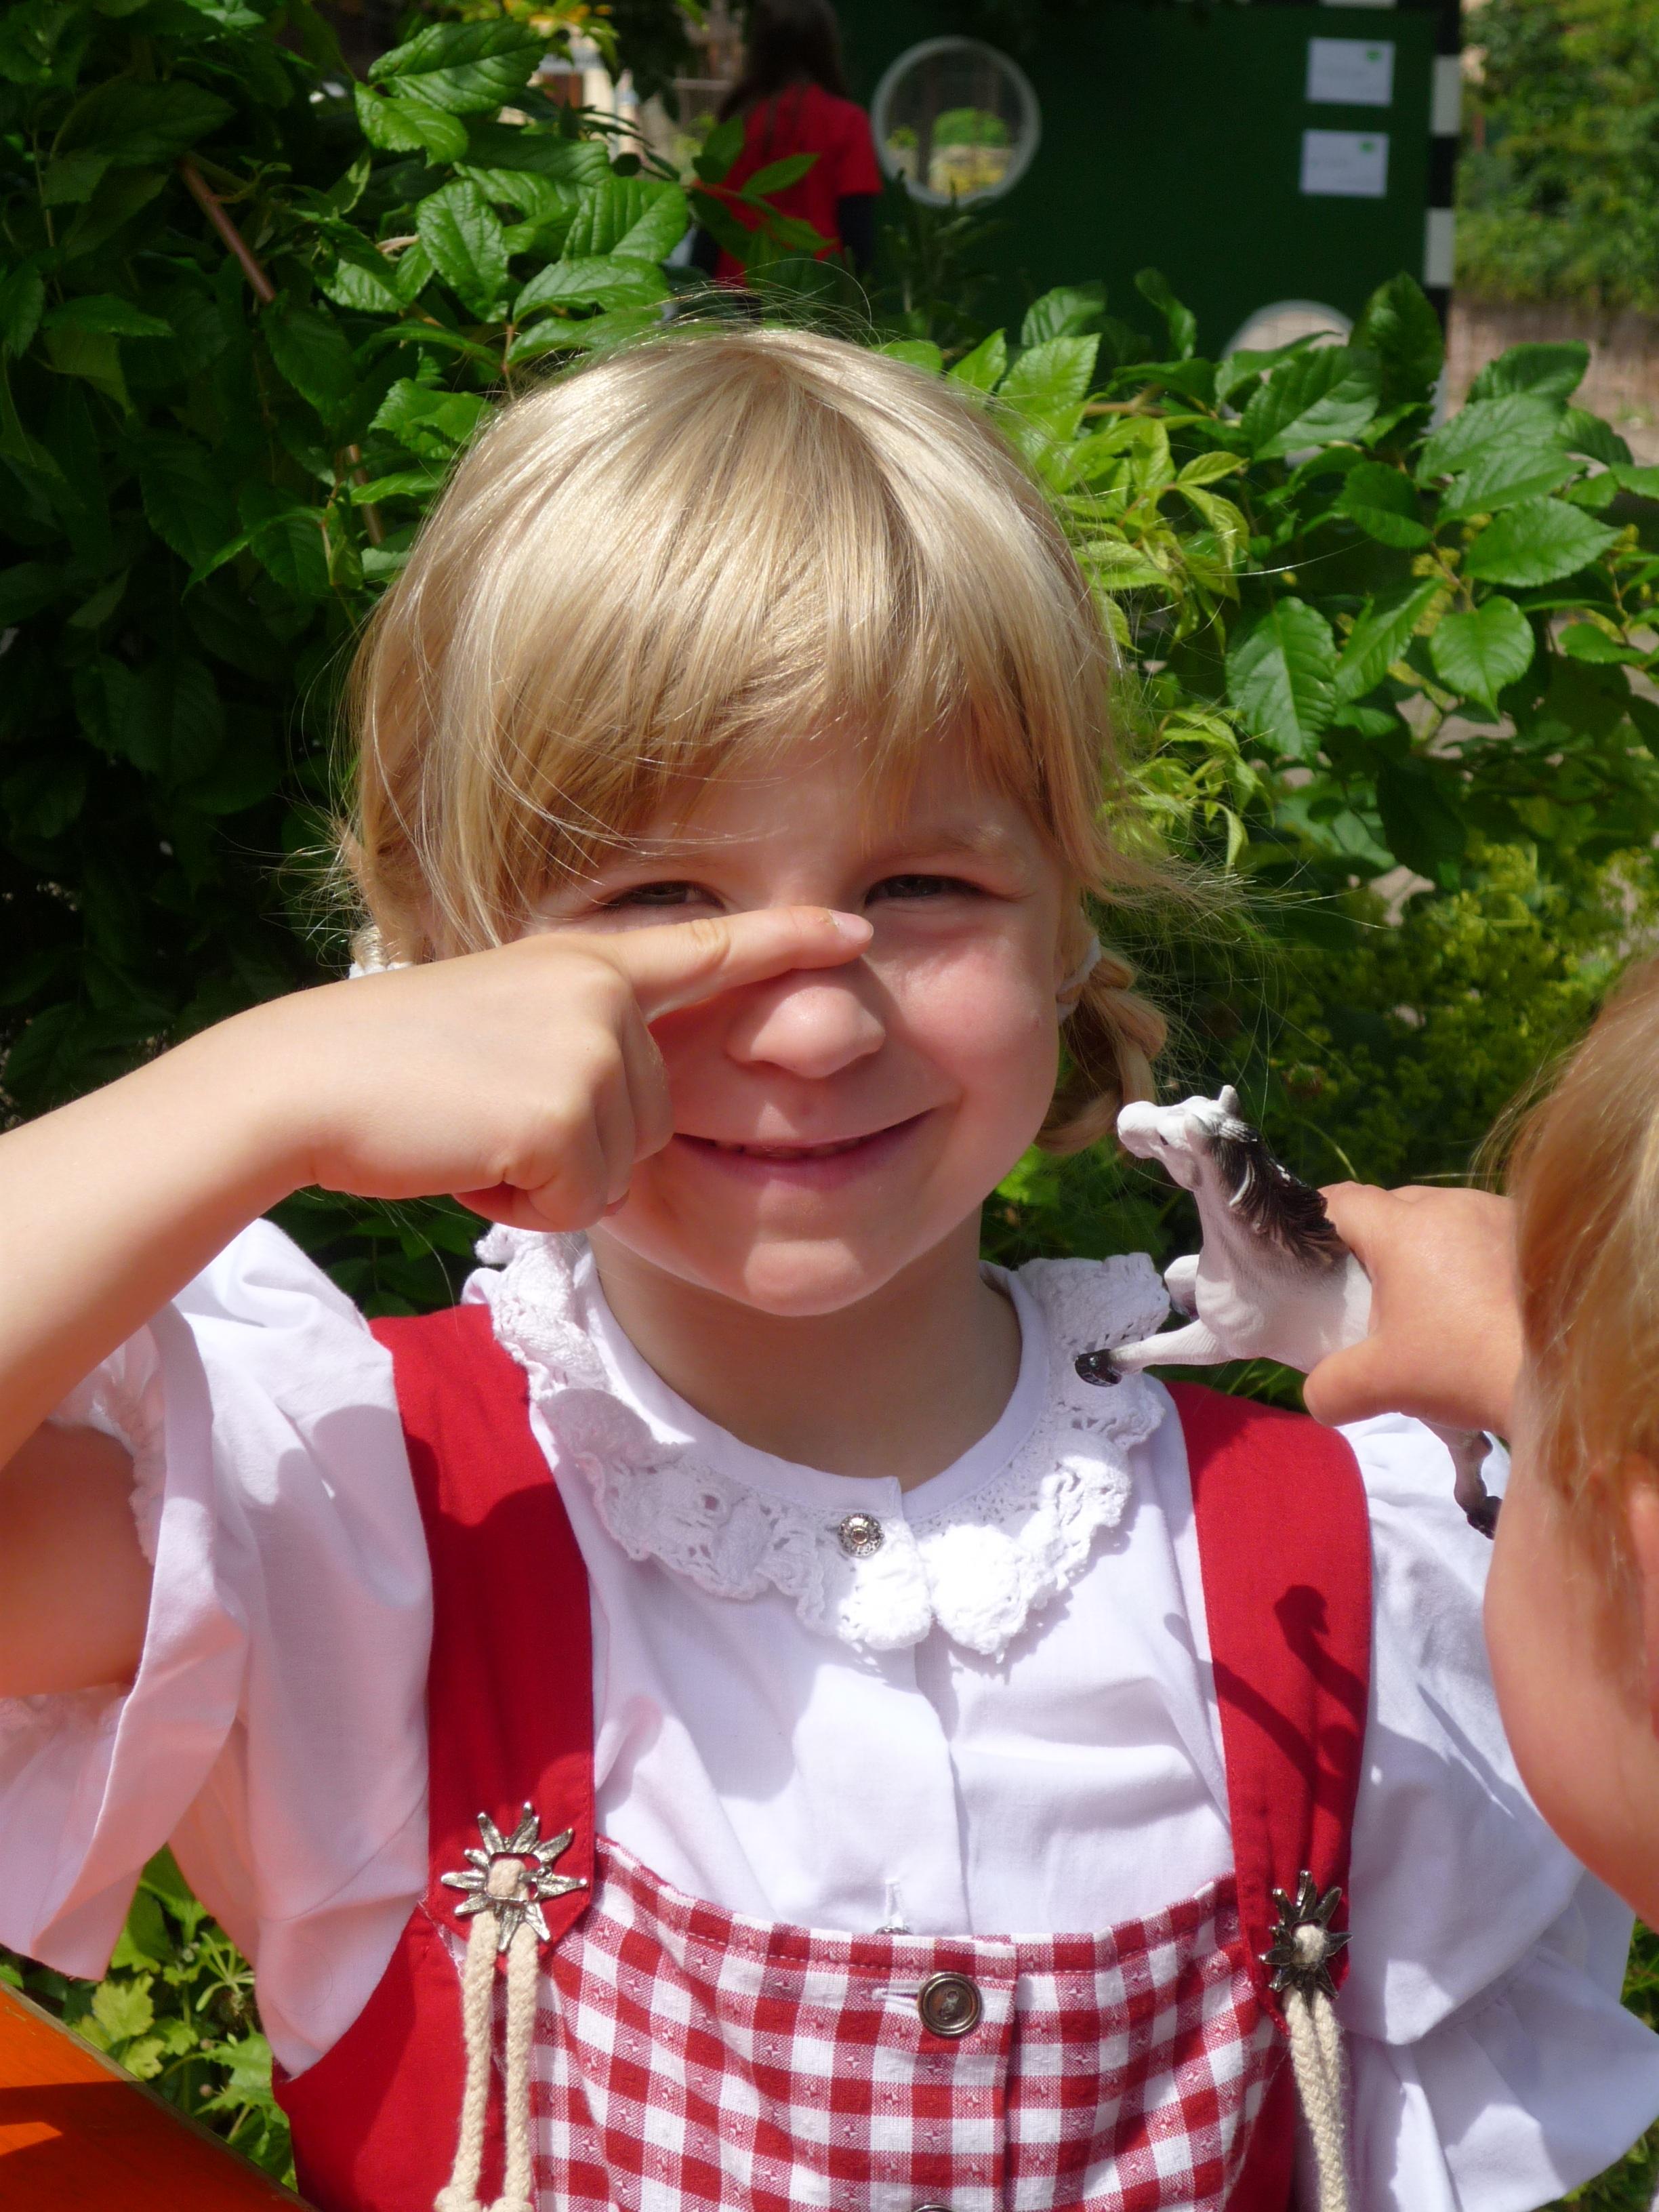 b56dbc2b30fa mennesker pige hvid Spille blomst rød barn ansigtsudtryk smil ansigt spise  sjovt kjole lille barn sjov